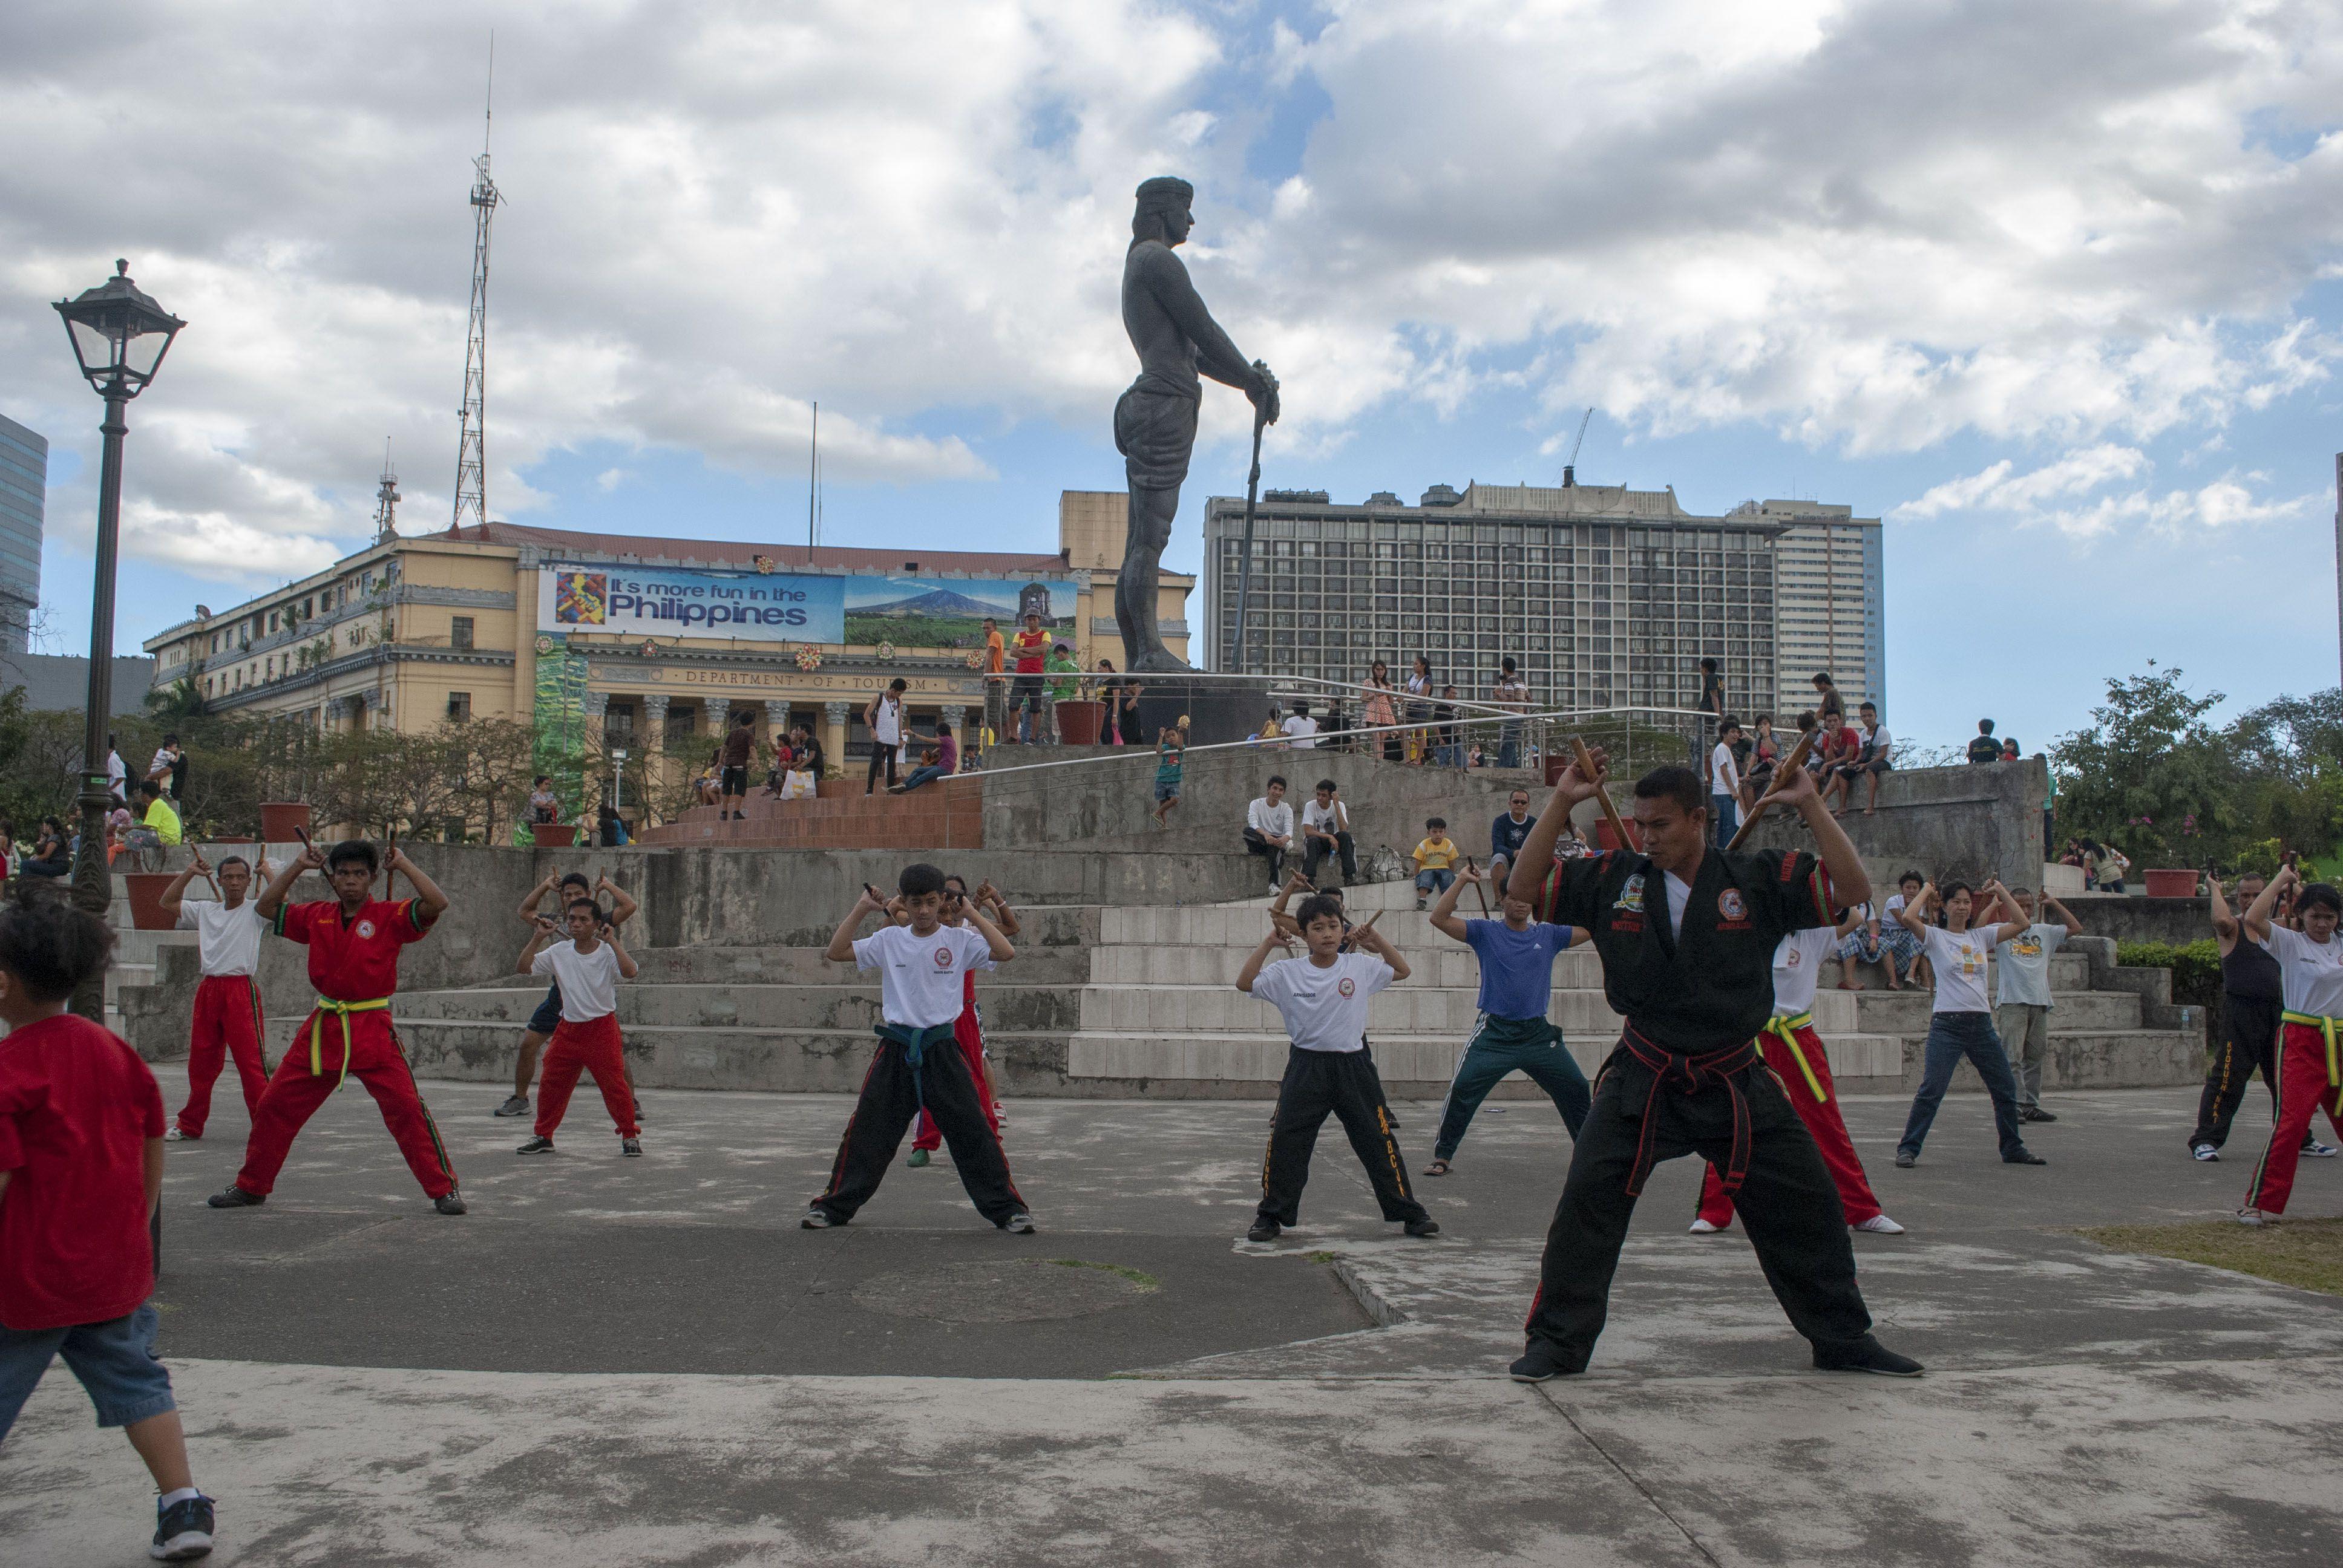 Kali classes at Rizal Park, Manila